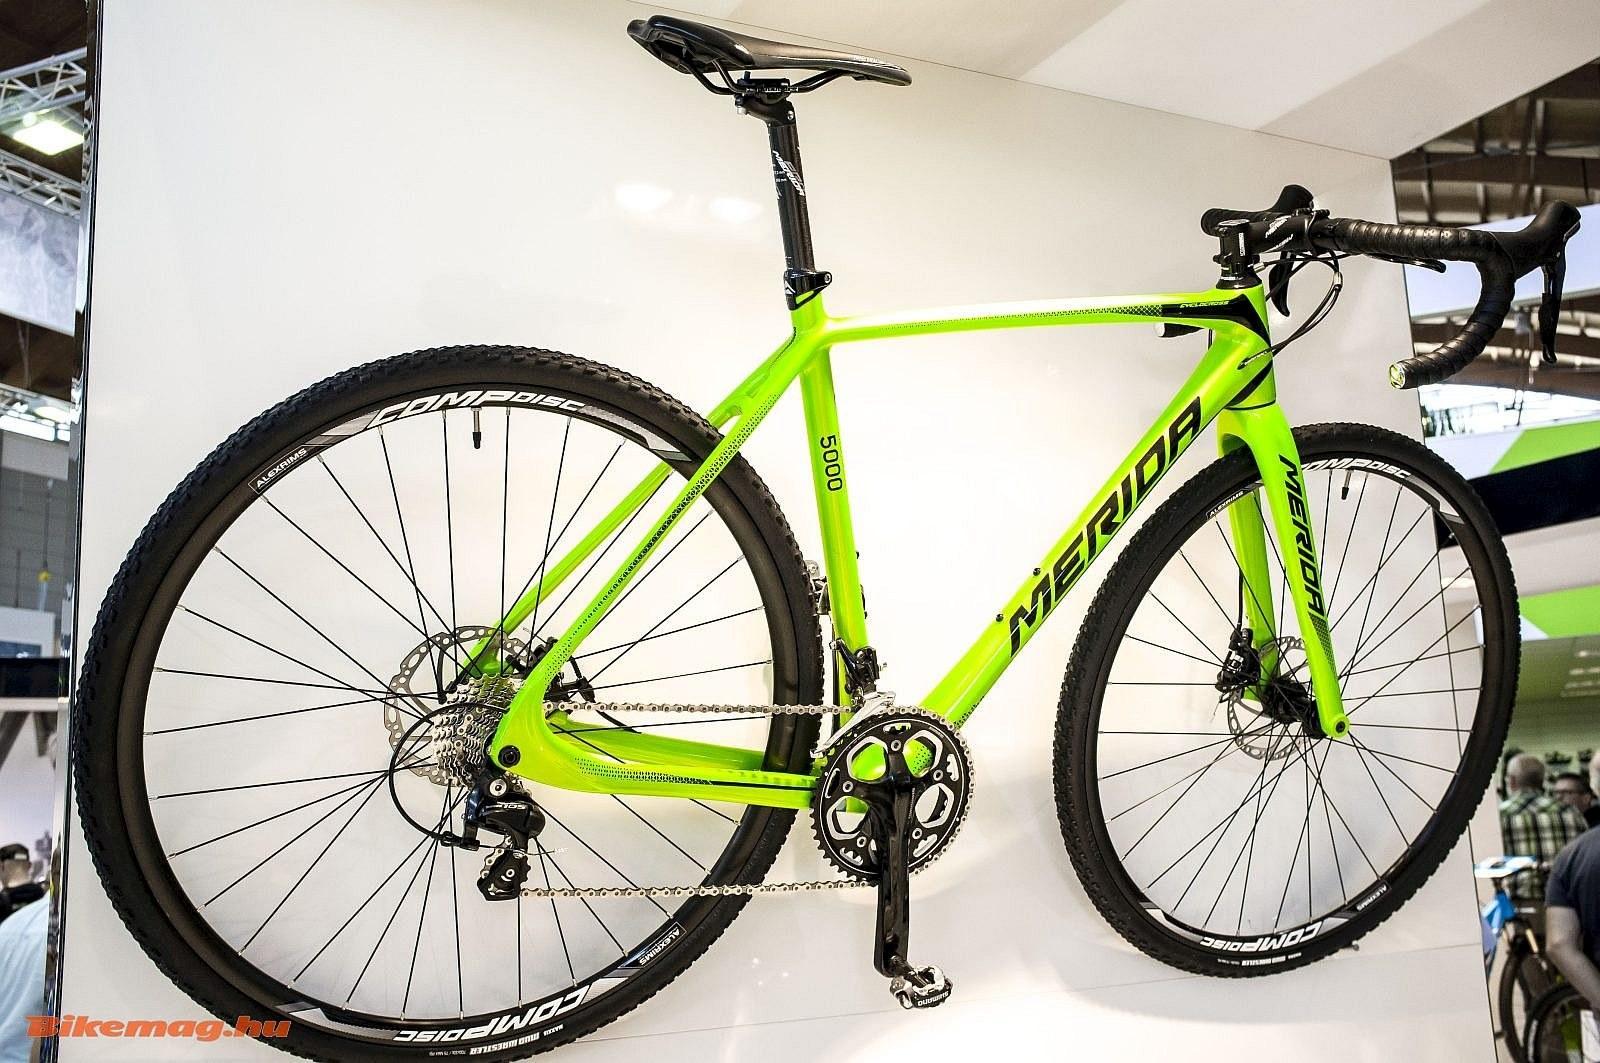 Kicsit magasabb árszinten ebből a Merida cyclocross bringából is lehet  versenygépet, de általános használhatú kerékpárt is varázsolni